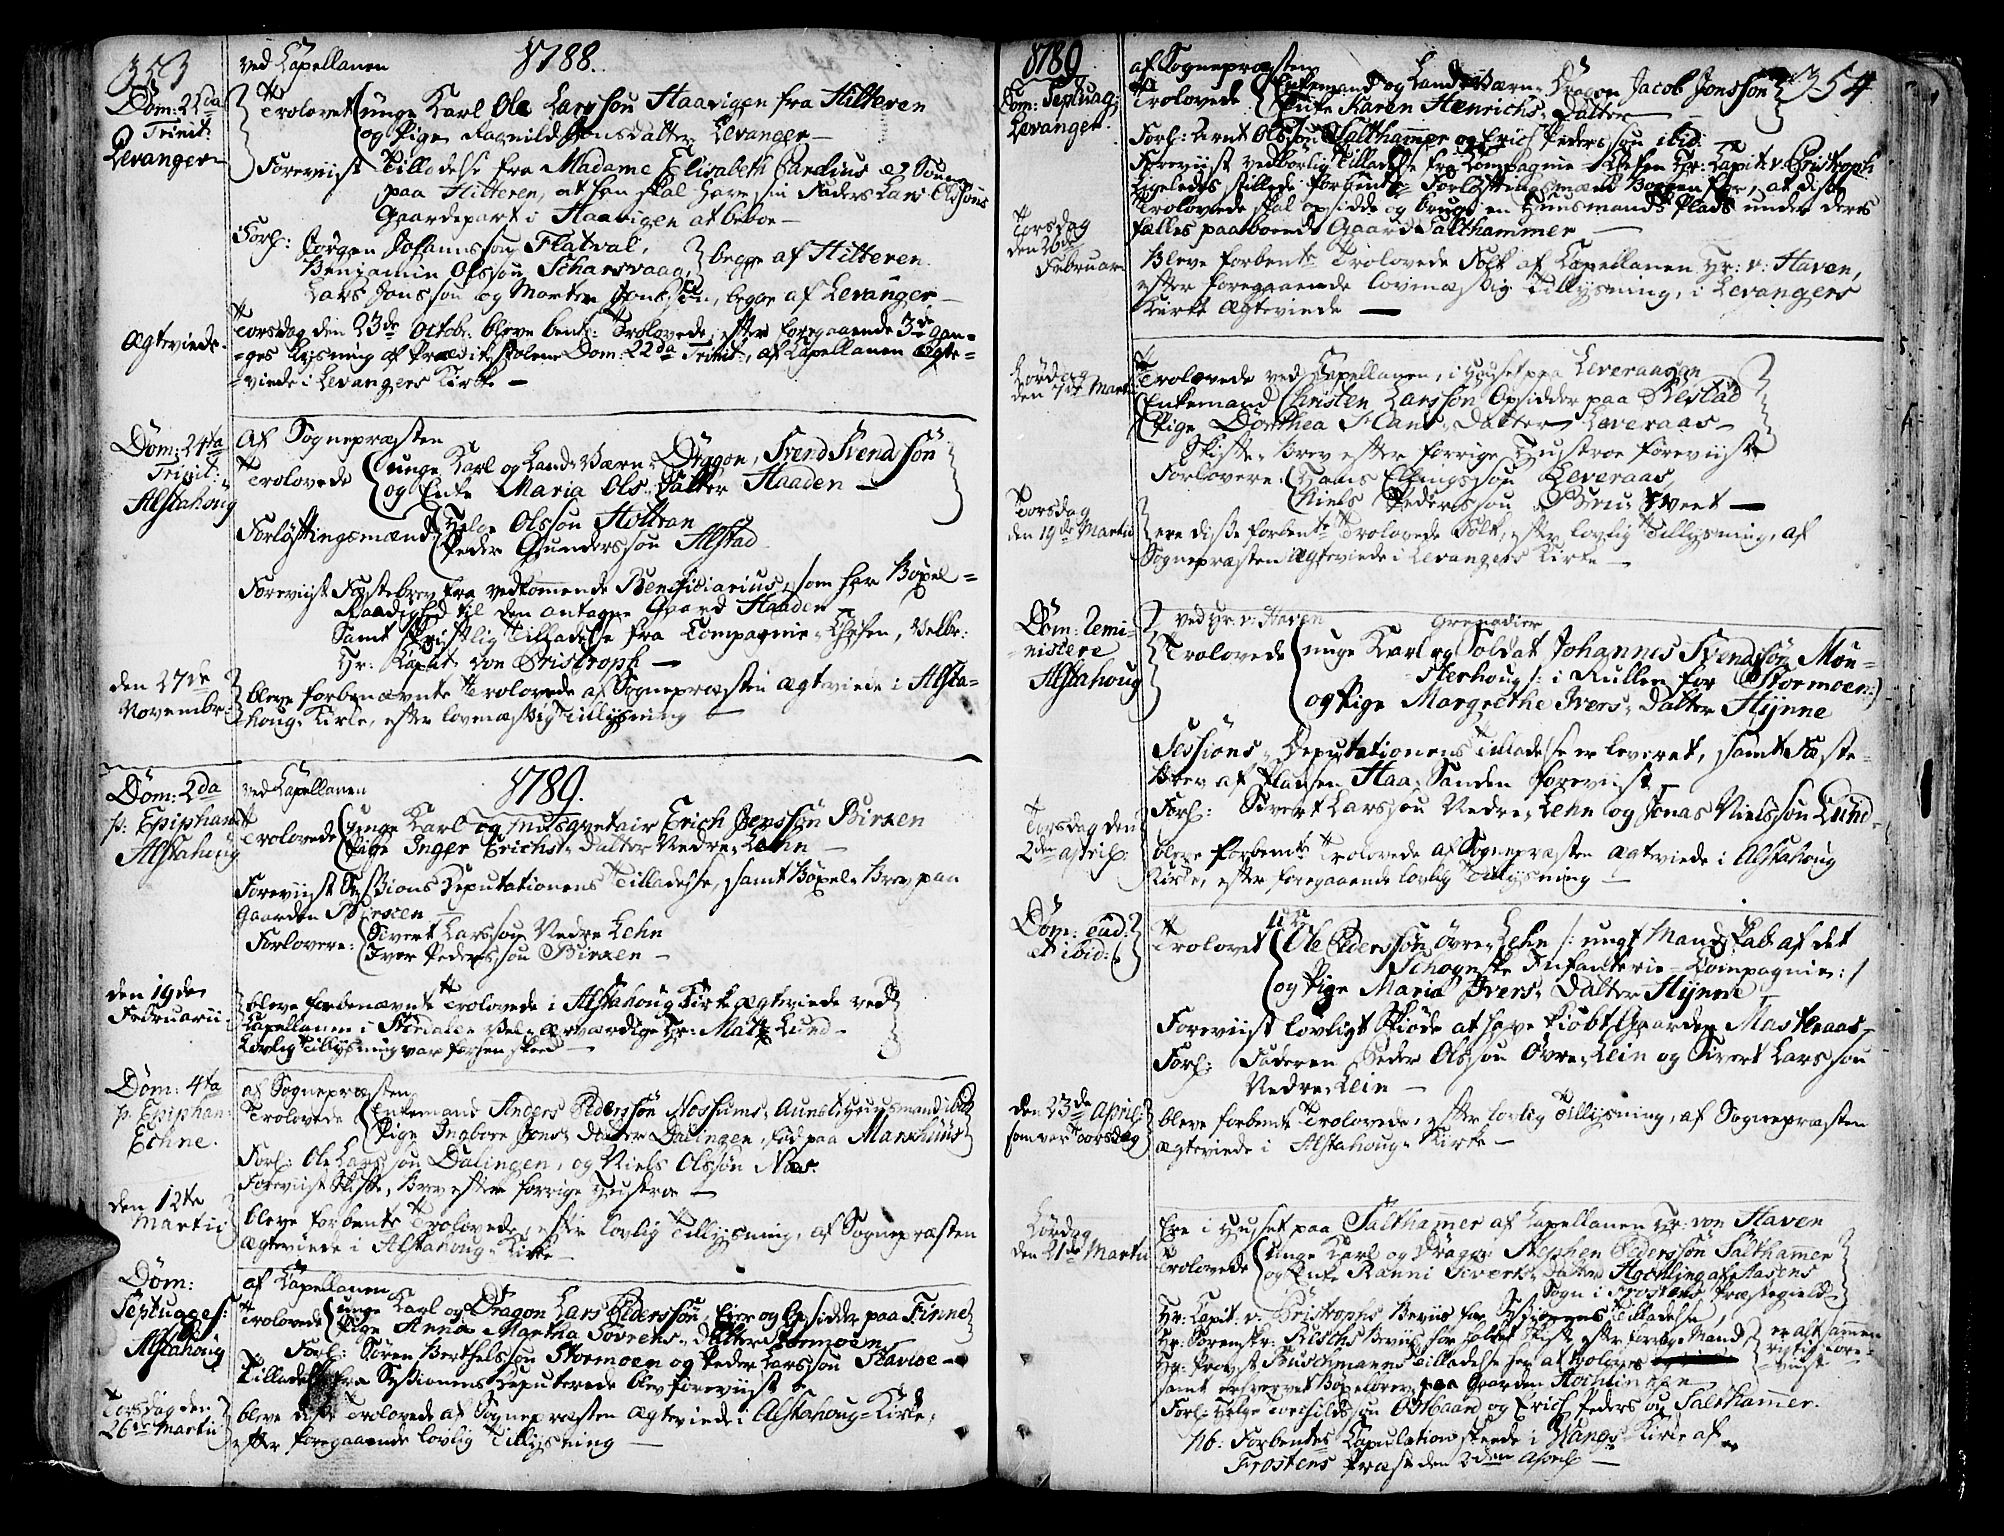 SAT, Ministerialprotokoller, klokkerbøker og fødselsregistre - Nord-Trøndelag, 717/L0141: Ministerialbok nr. 717A01, 1747-1803, s. 353-354